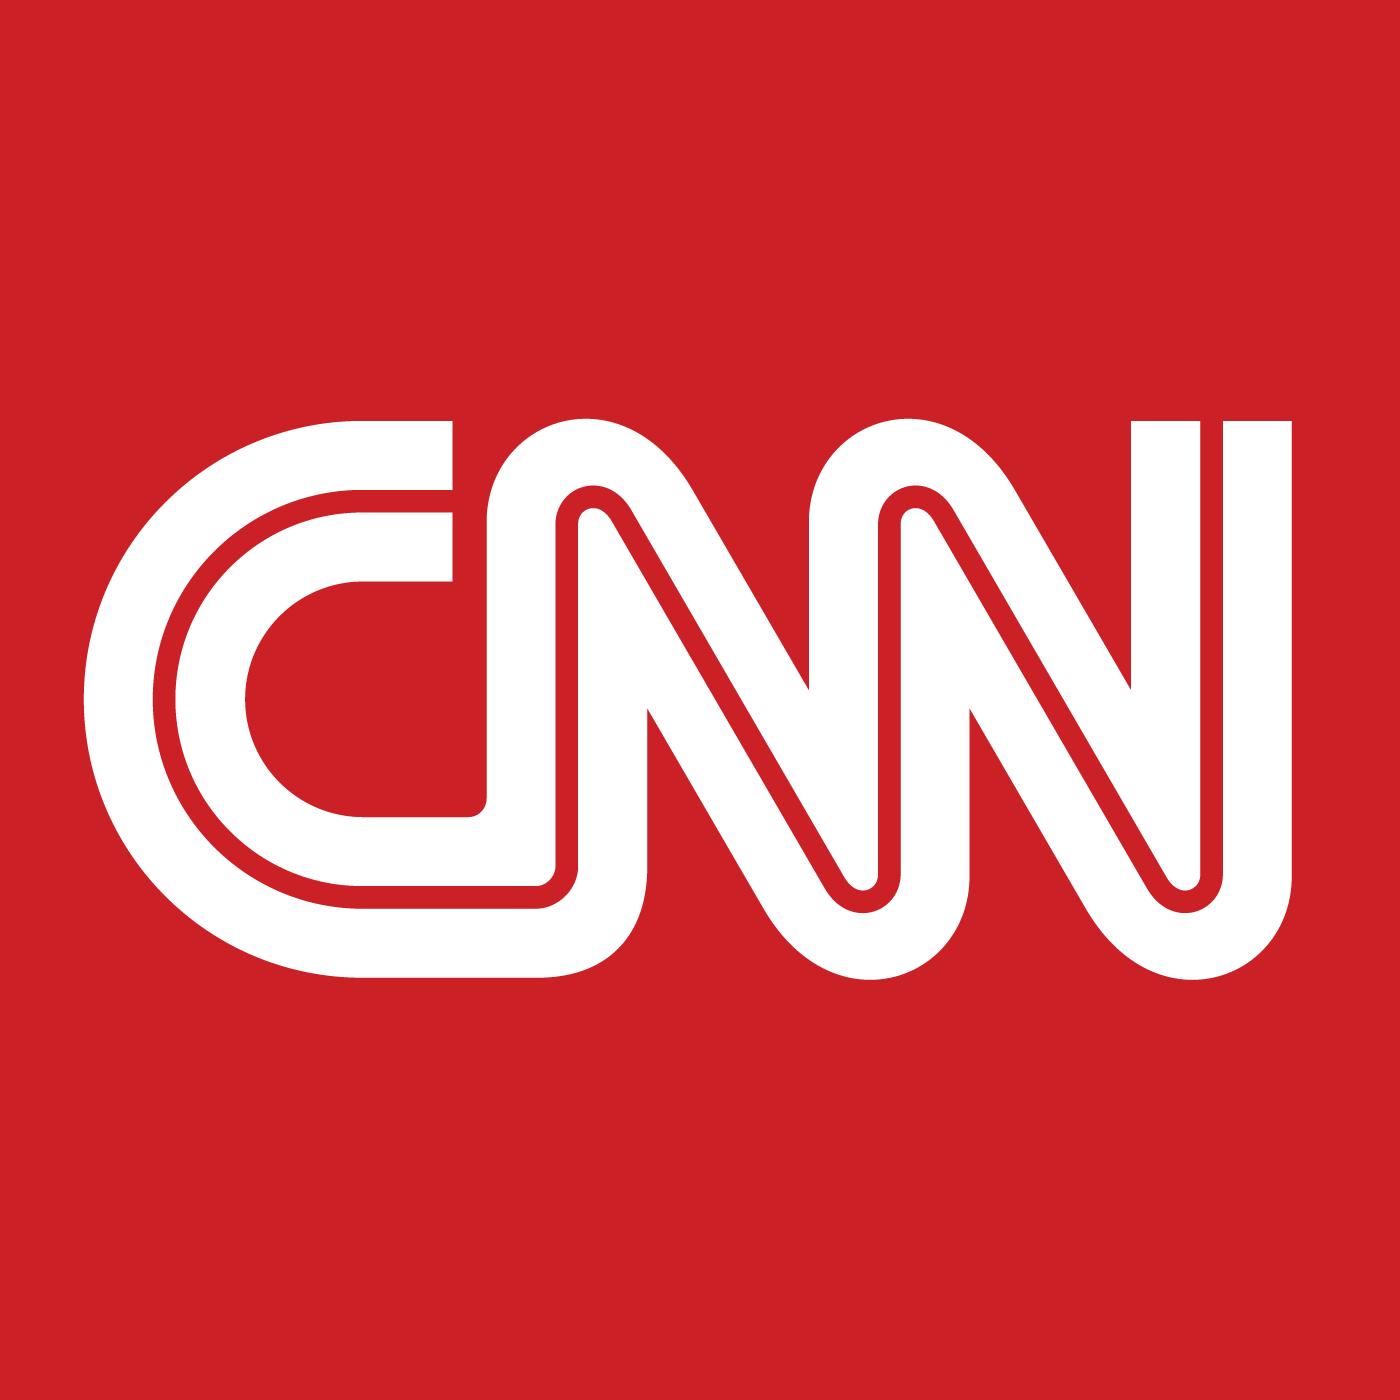 CNN Entertainment